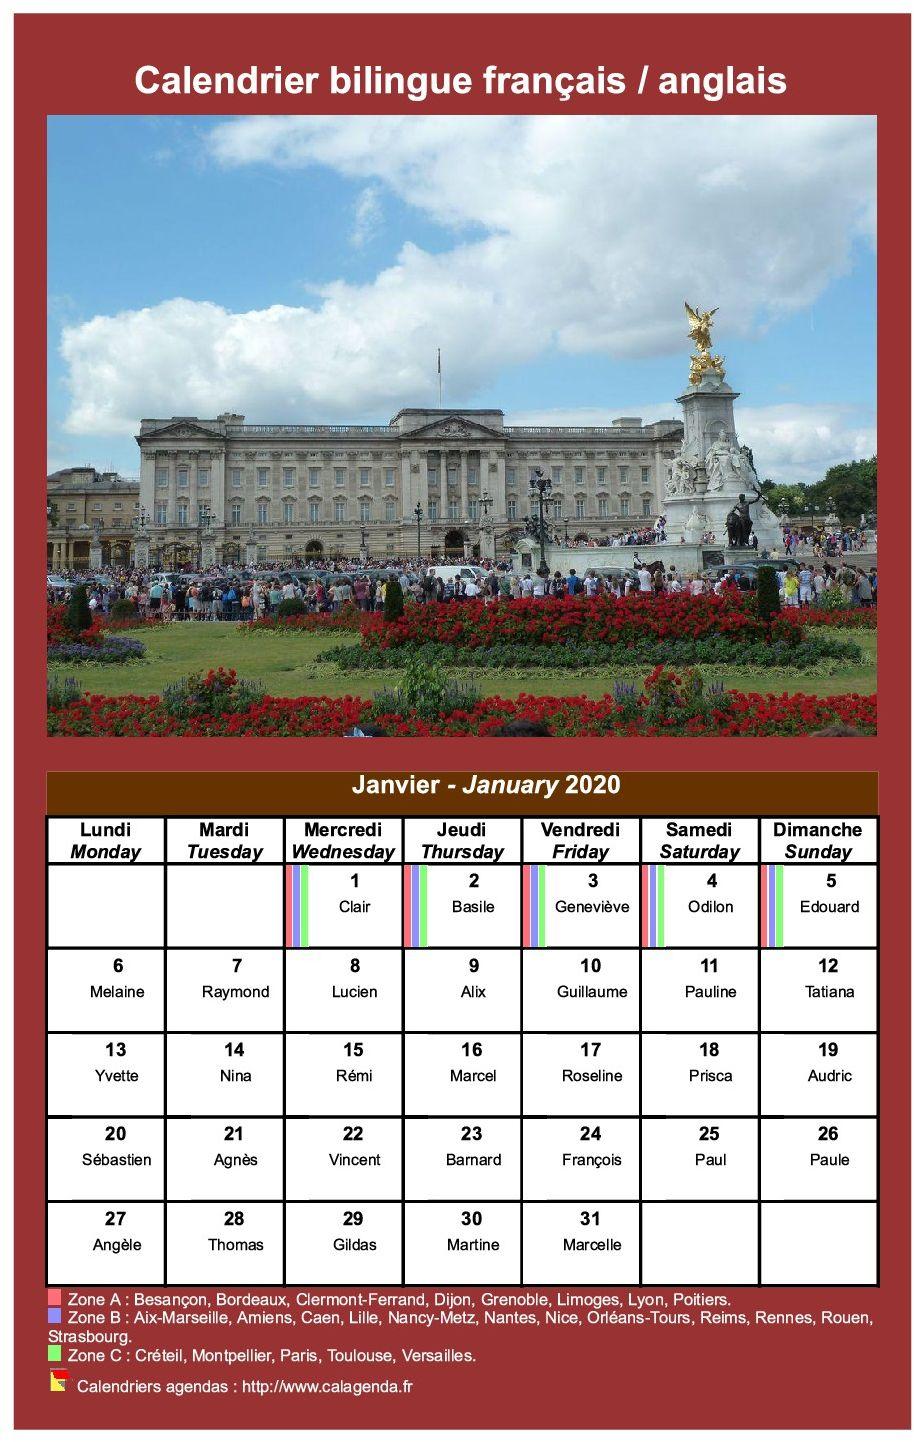 Calendrier mensuel 2020 bilingue français / anglais.